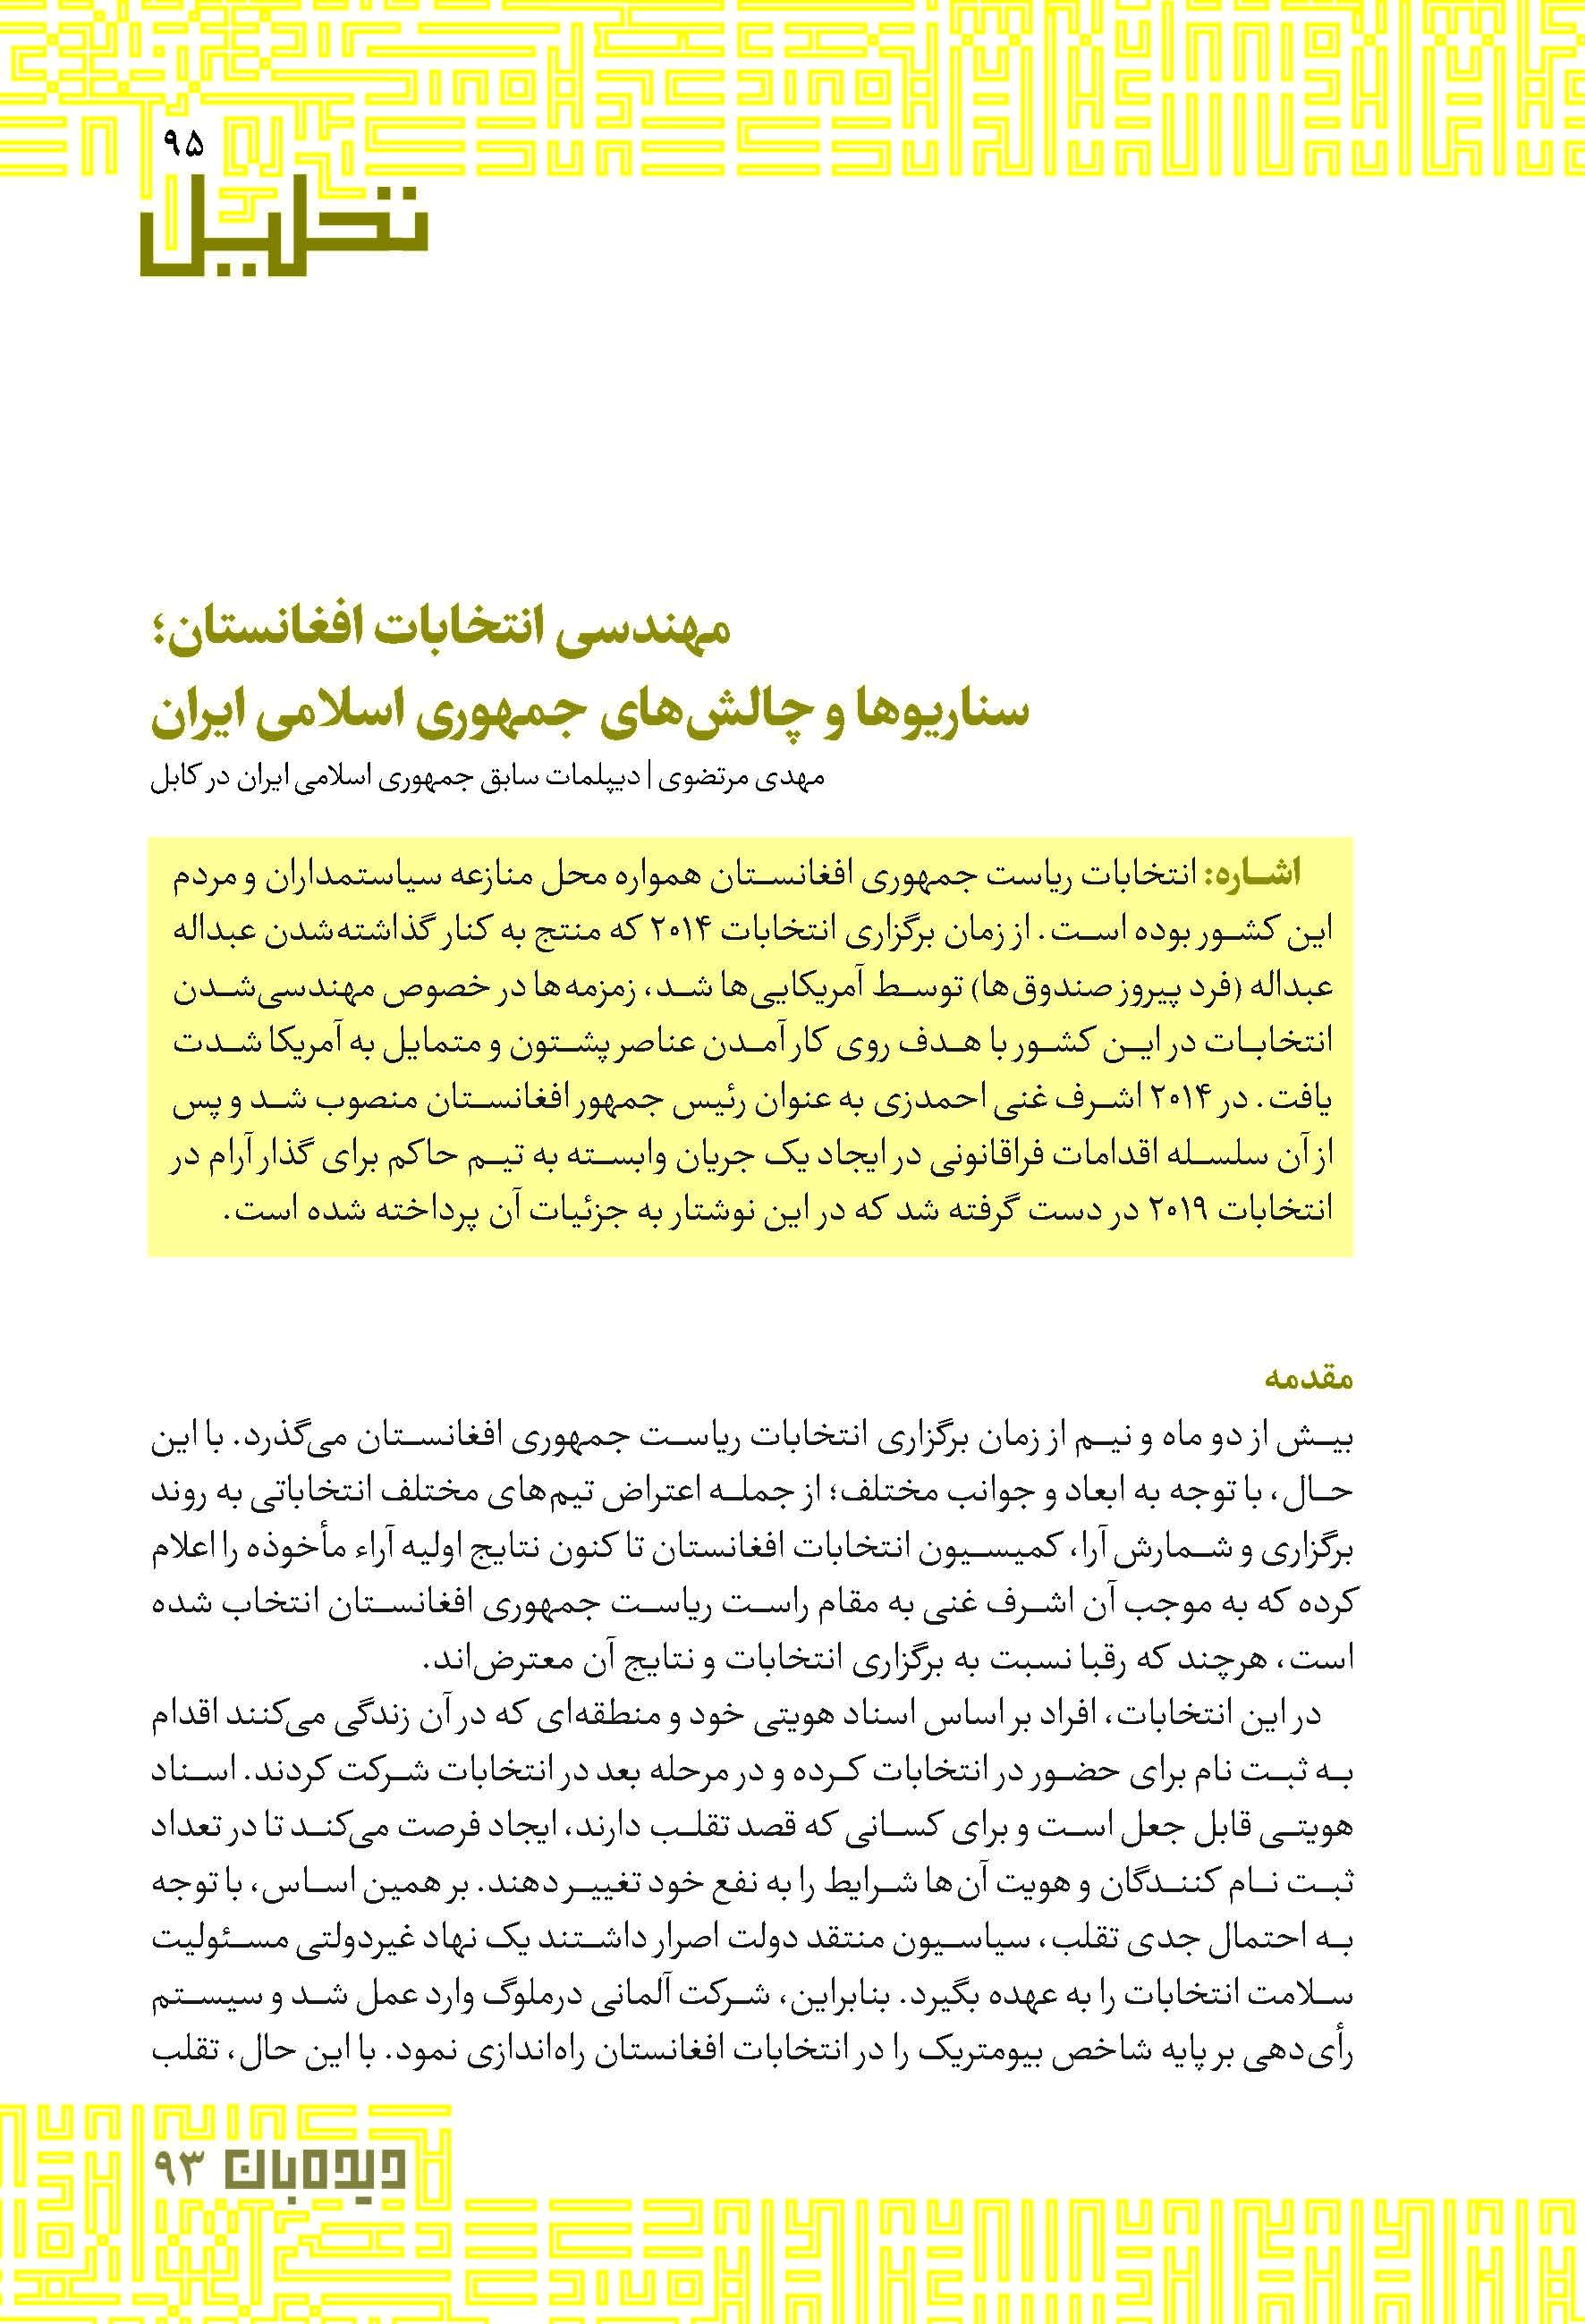 مهندسی انتخابات افغانستان؛ سناریوها و چالشهای جمهوری اسلامی ایران